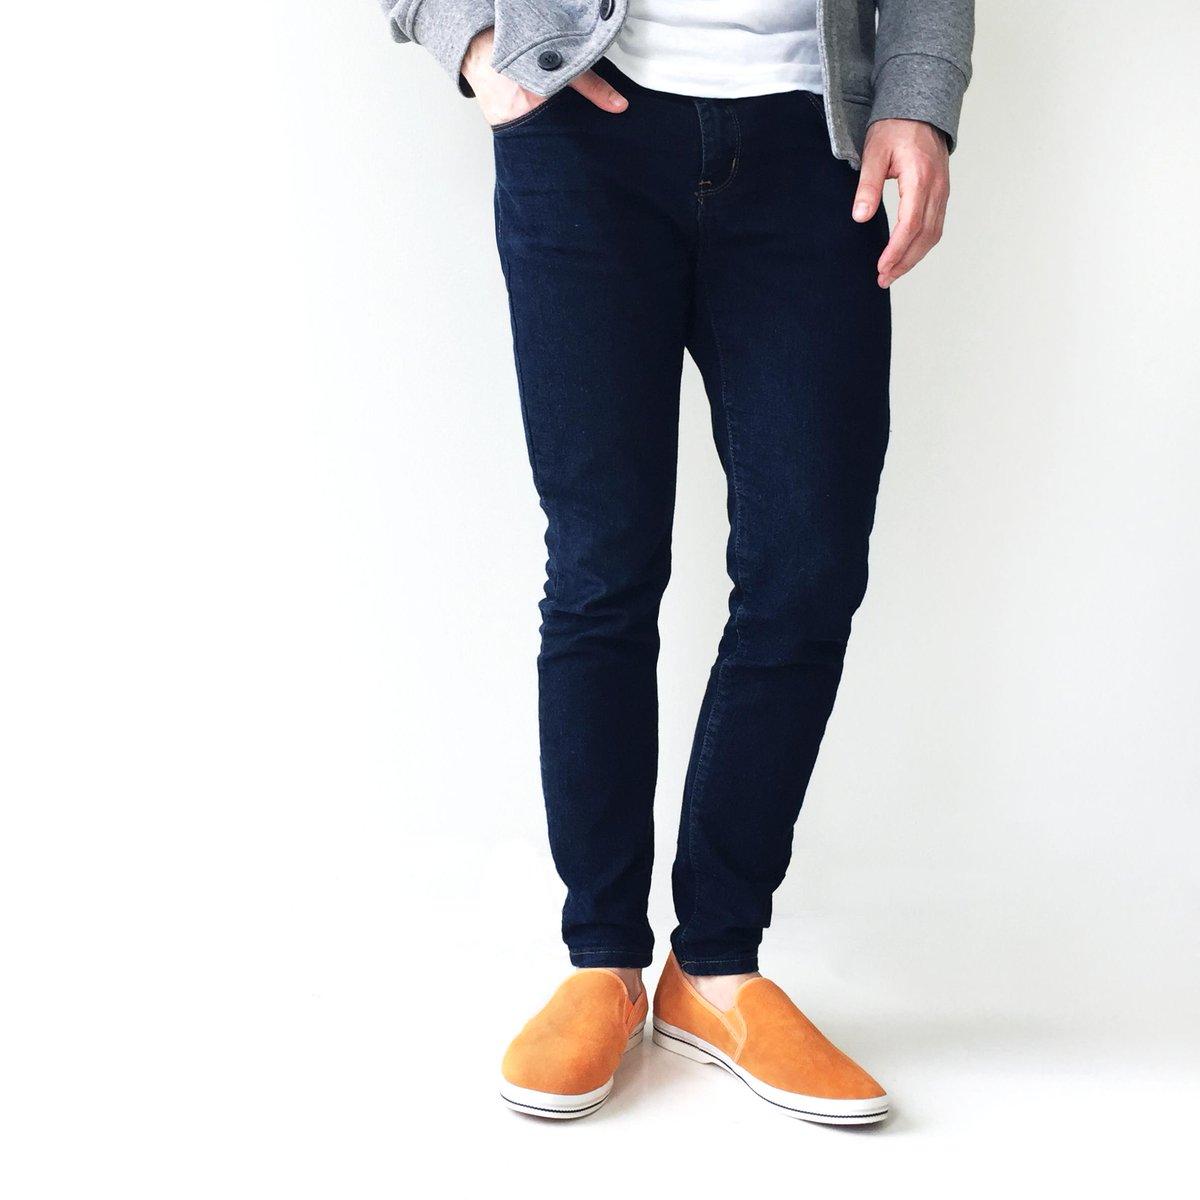 aldo colorful shoes